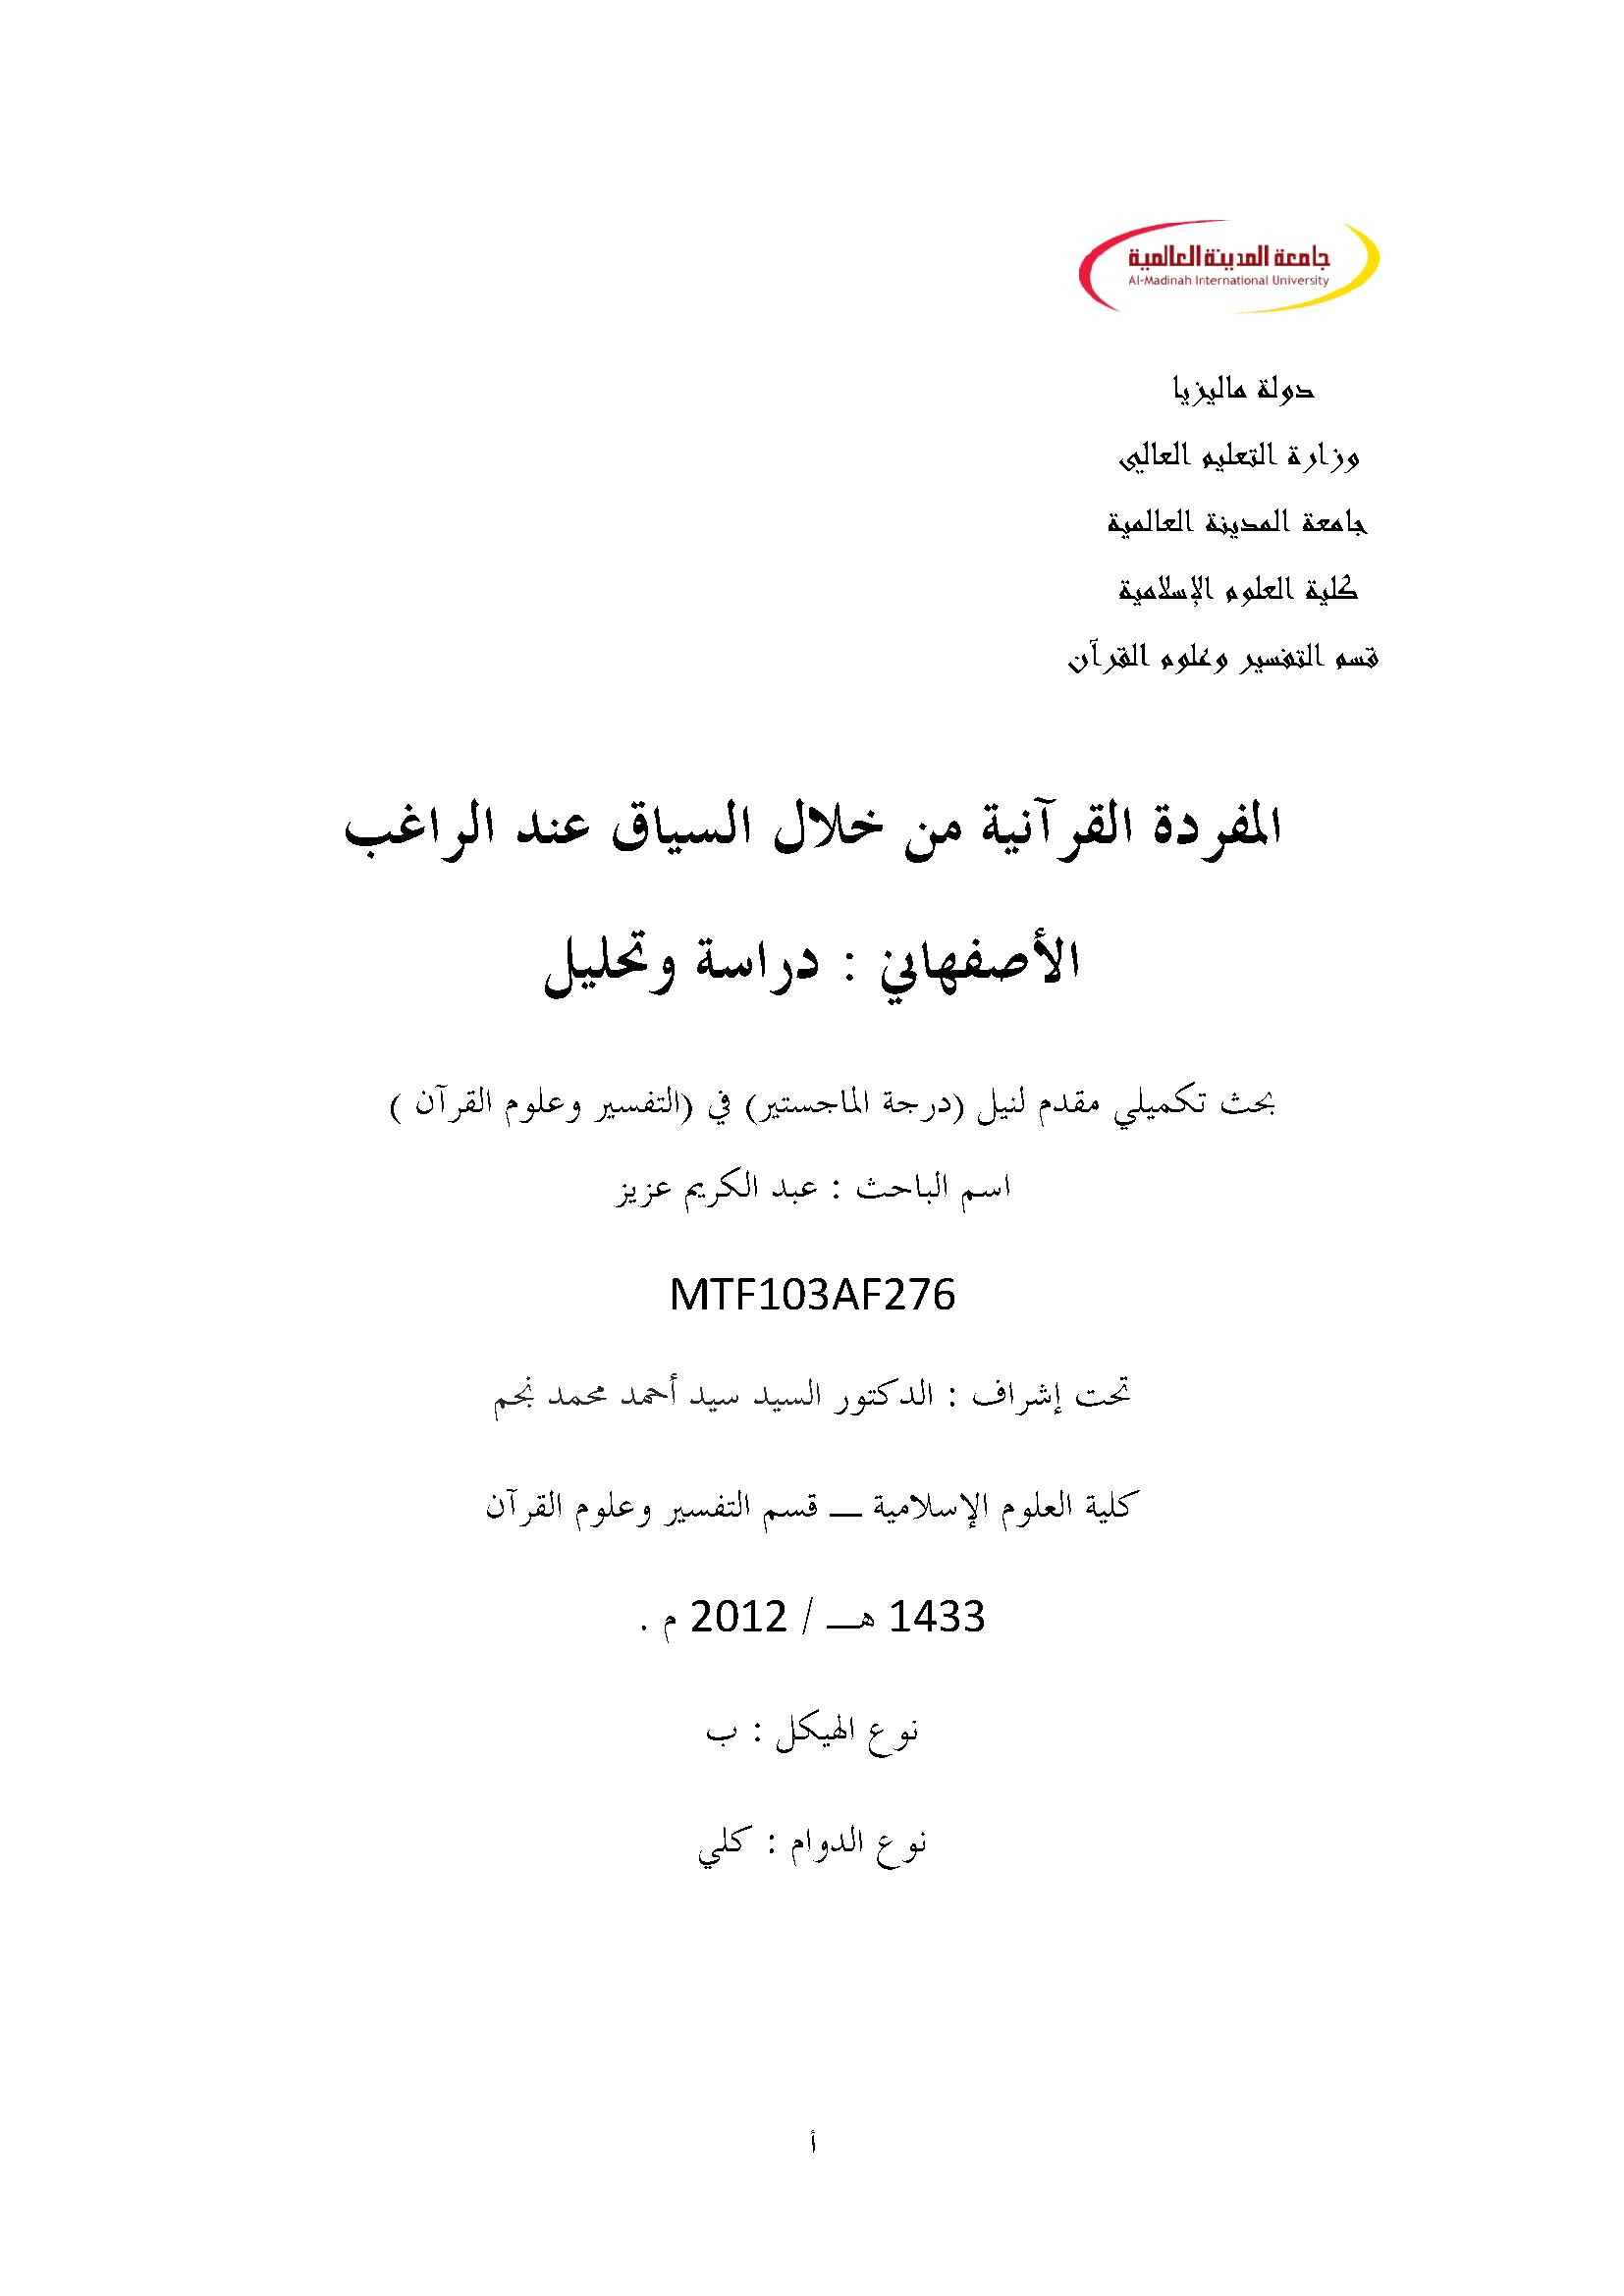 تحميل كتاب المفردة القرآنية من خلال السياق عند الراغب الأصفهاني: دراسة وتحليل لـِ: عبد الكريم عزيز